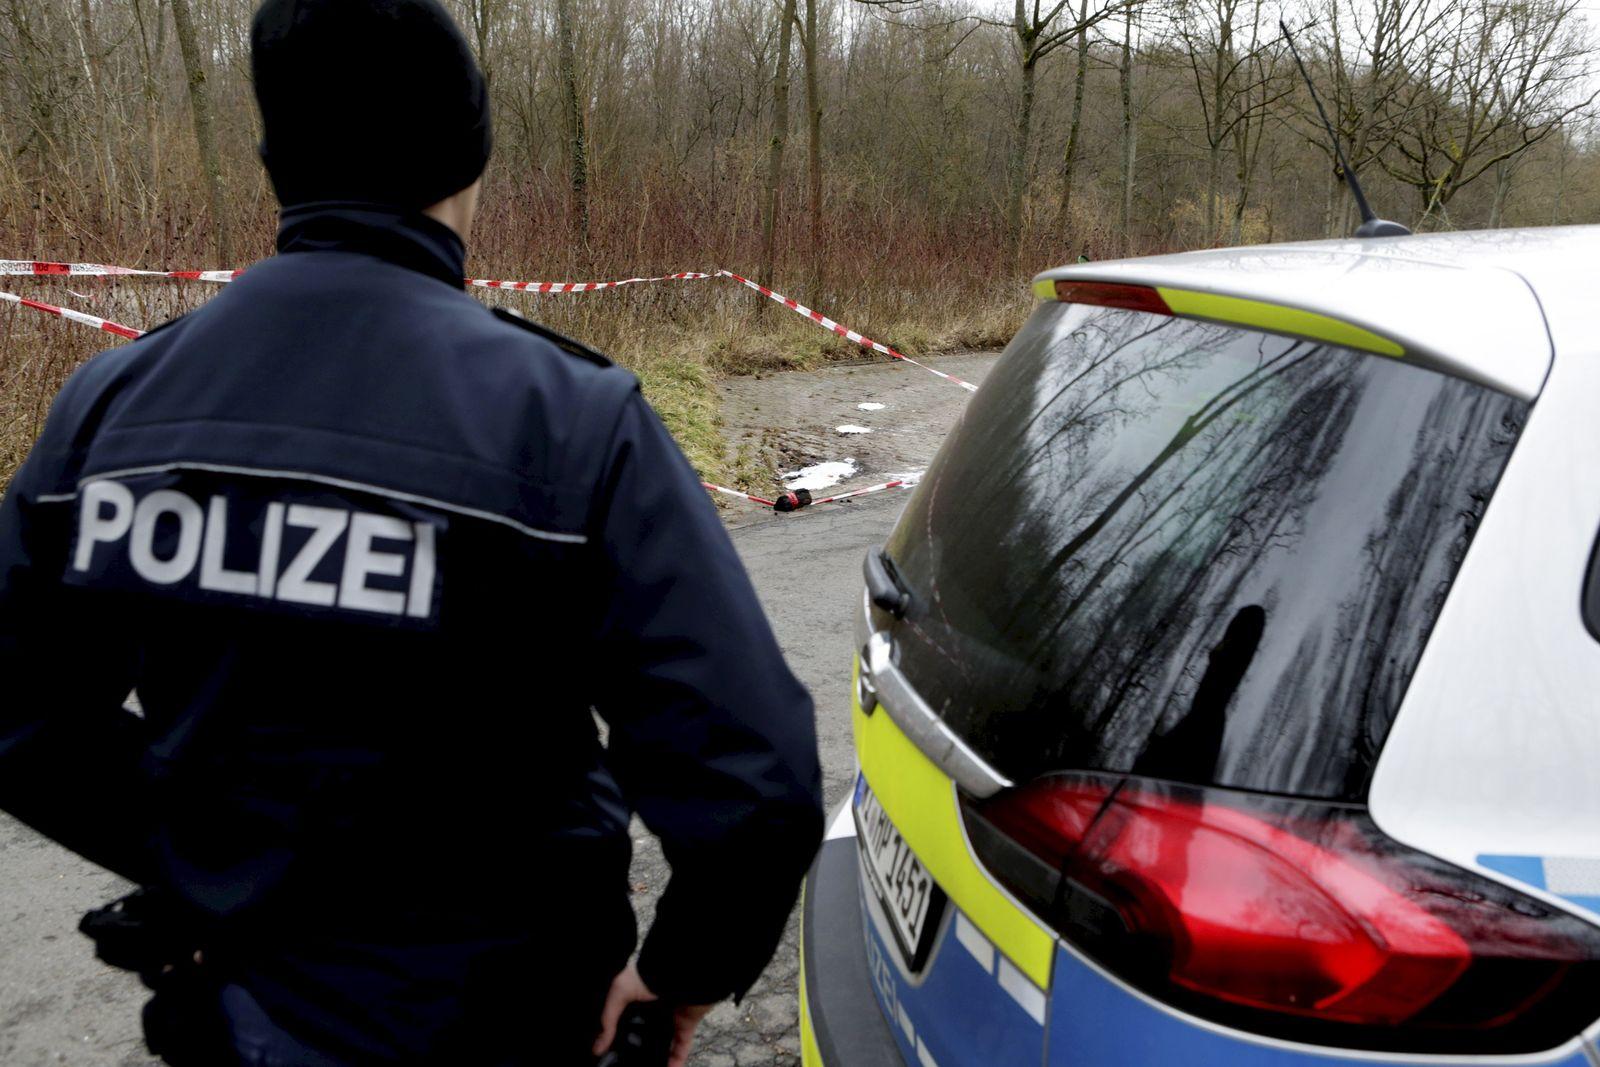 Darmstadt/ Junge Frau ermordet